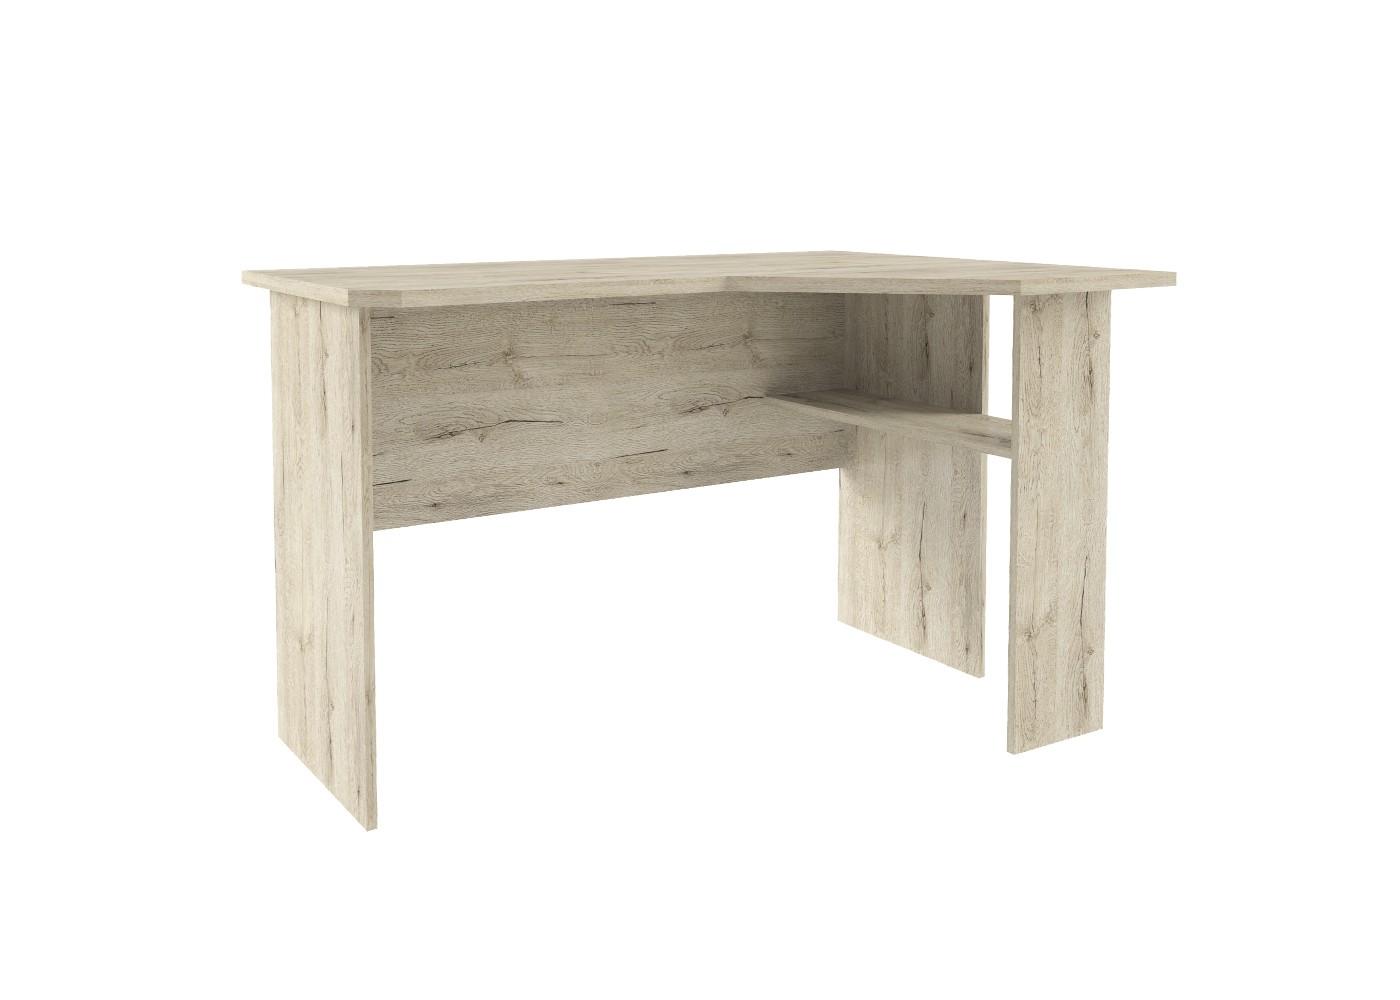 Стол OscarПисьменные столы<br>Коллекция OSCAR напрямую связана с современным европейским дизайном. Использование плиты дуб санремо в стиле кантри в сочетании с современными формами придаст Вашему интерьеру  неповторимый характер и дизайн. Яркое отличие коллекции OSCAR - современный стиль и хорошо продуманный функционал.&amp;amp;nbsp;<br><br>Material: ДСП<br>Ширина см: 120<br>Высота см: 73<br>Глубина см: 85